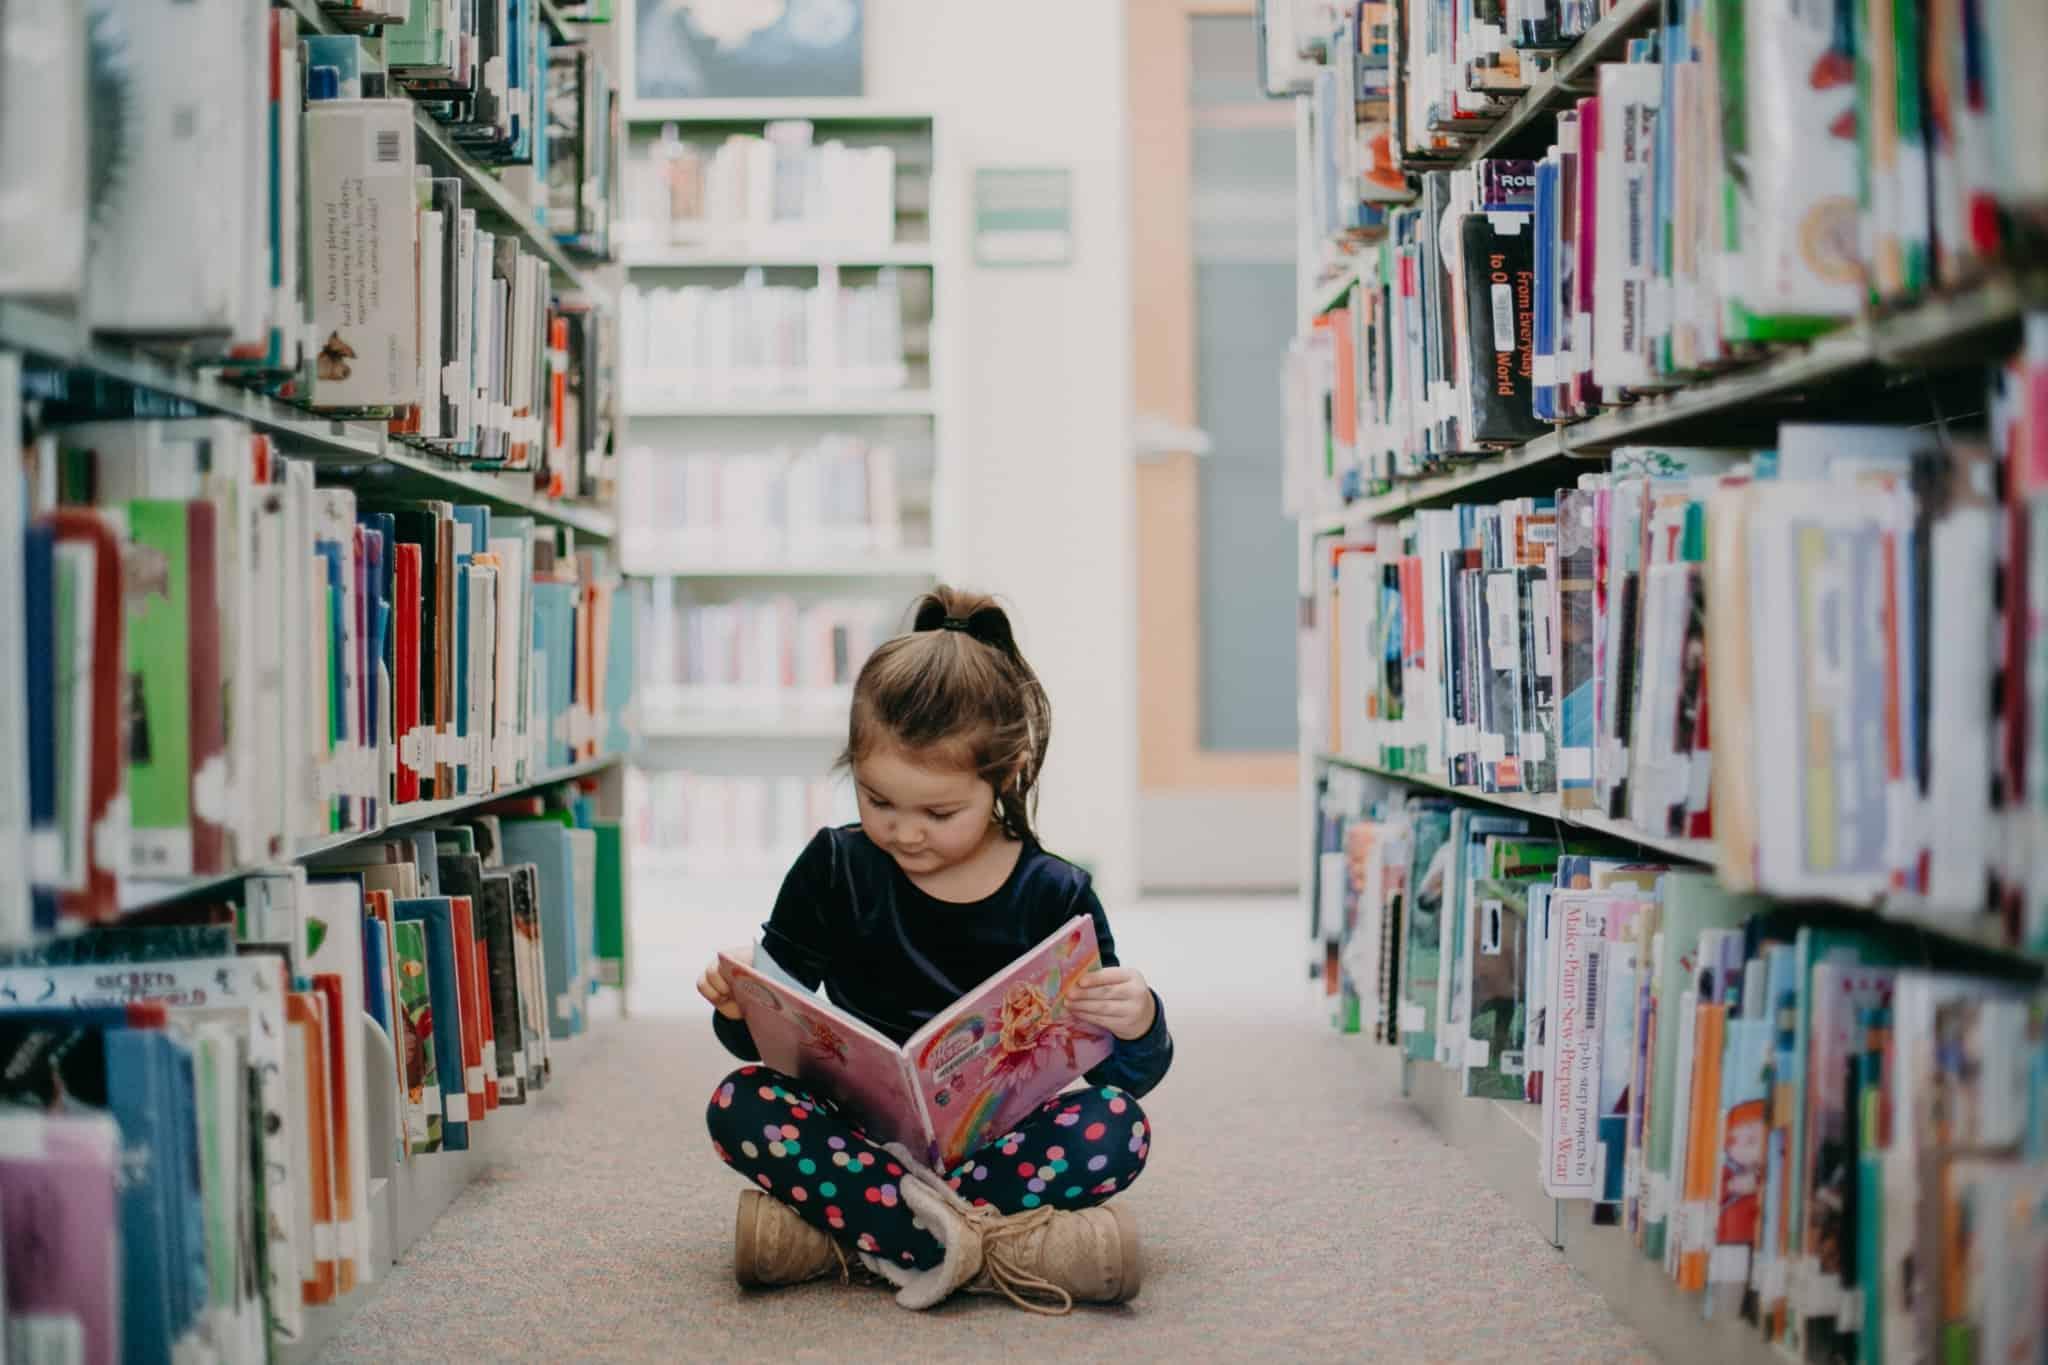 rapariga sentada no chão de uma biblioteca a ler um livro